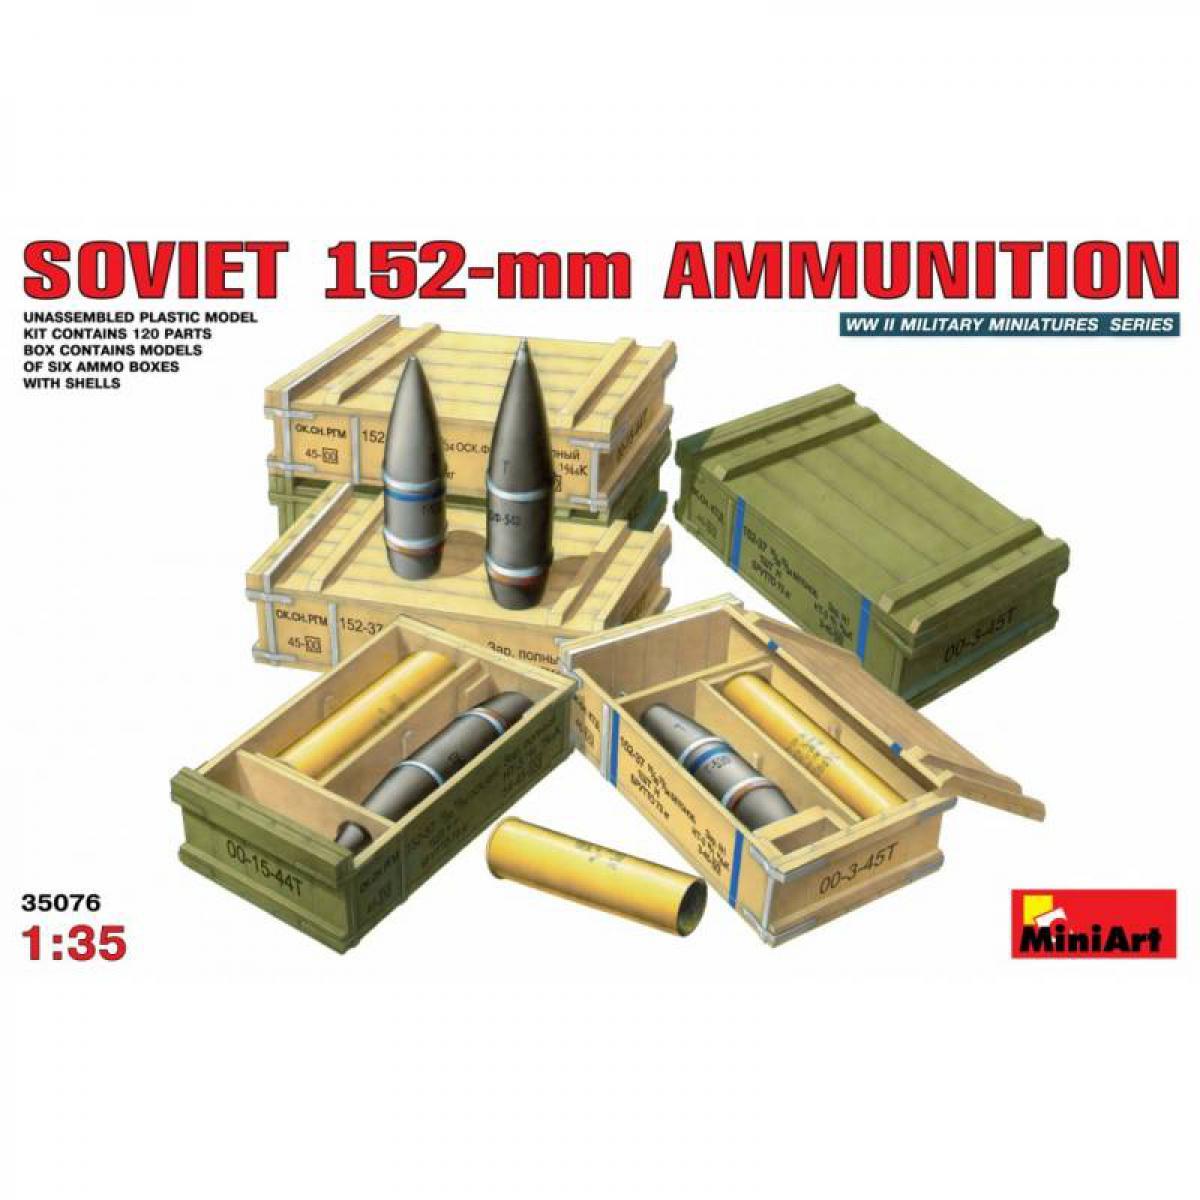 Mini Art Soviet 152-mm Ammunition - Accessoire Maquette